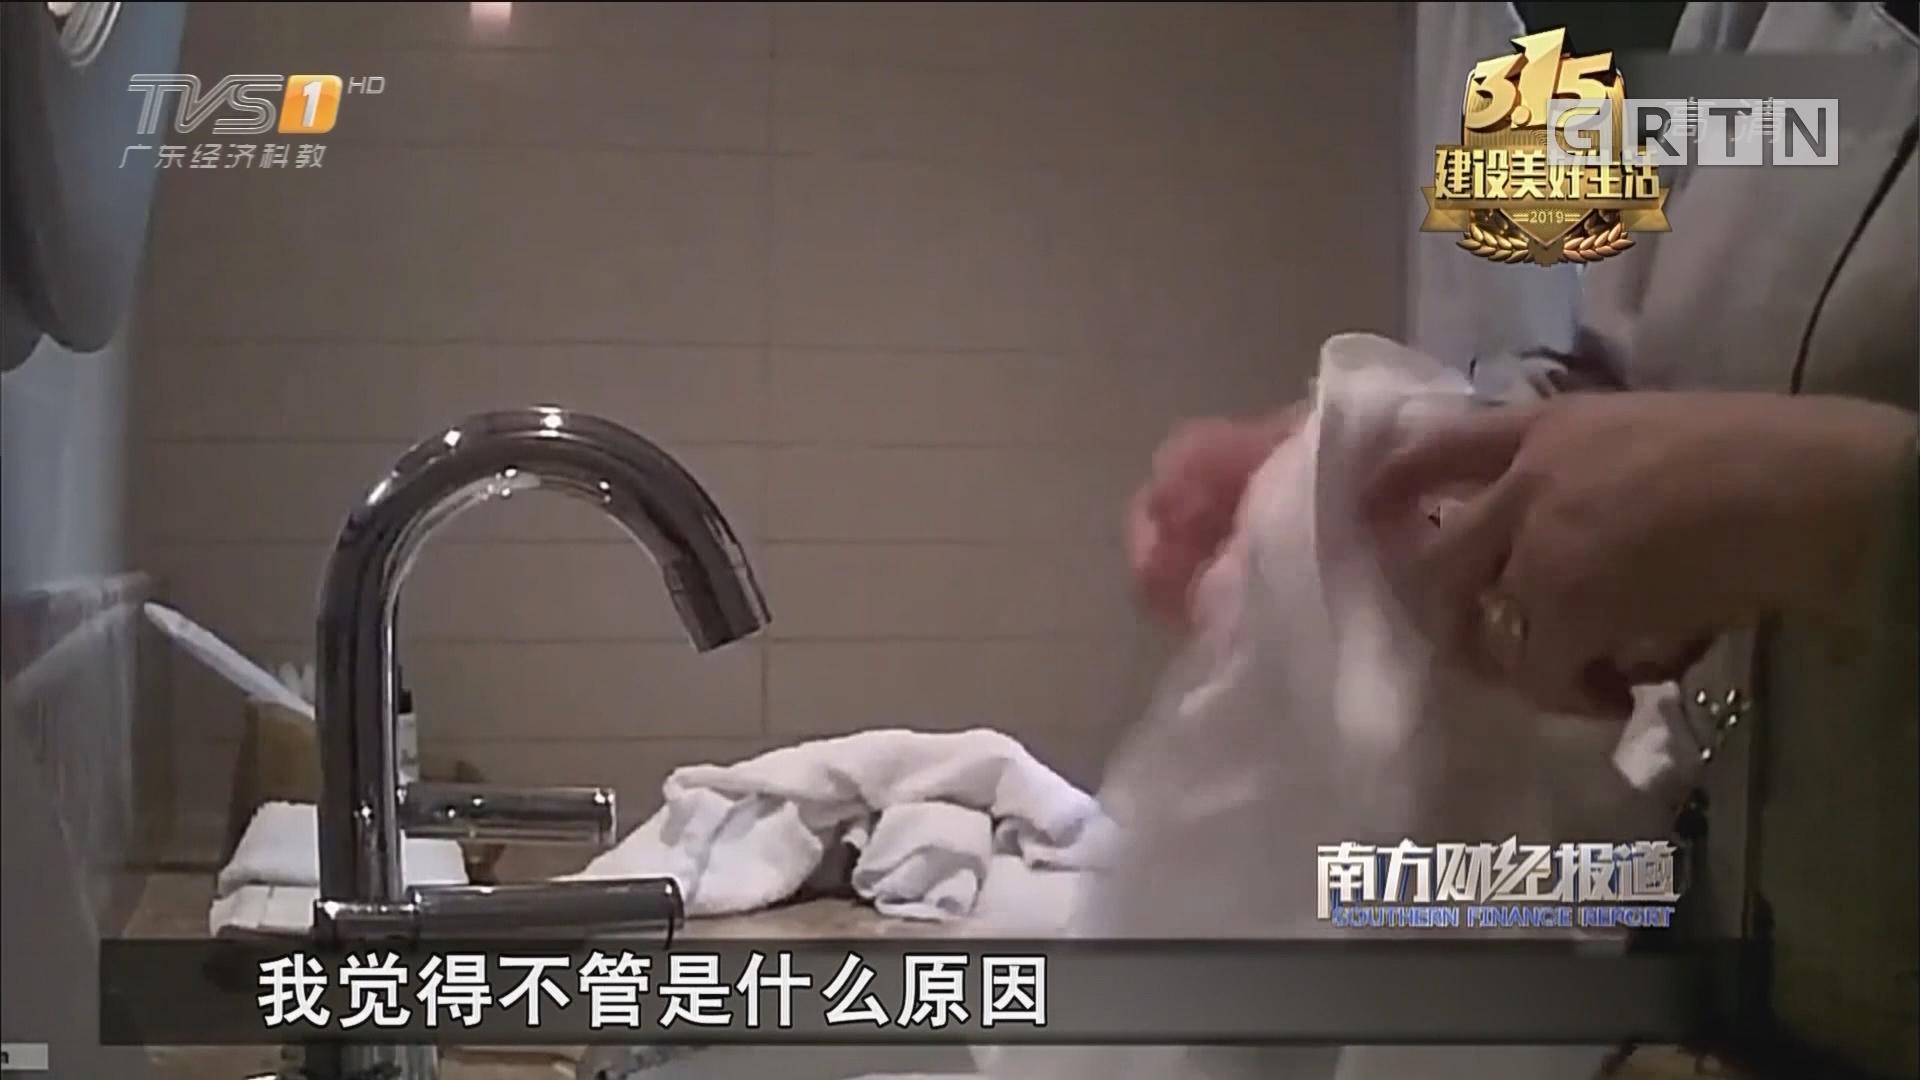 """""""花总""""曝光酒店卫生乱象:现实比视频更糟糕"""